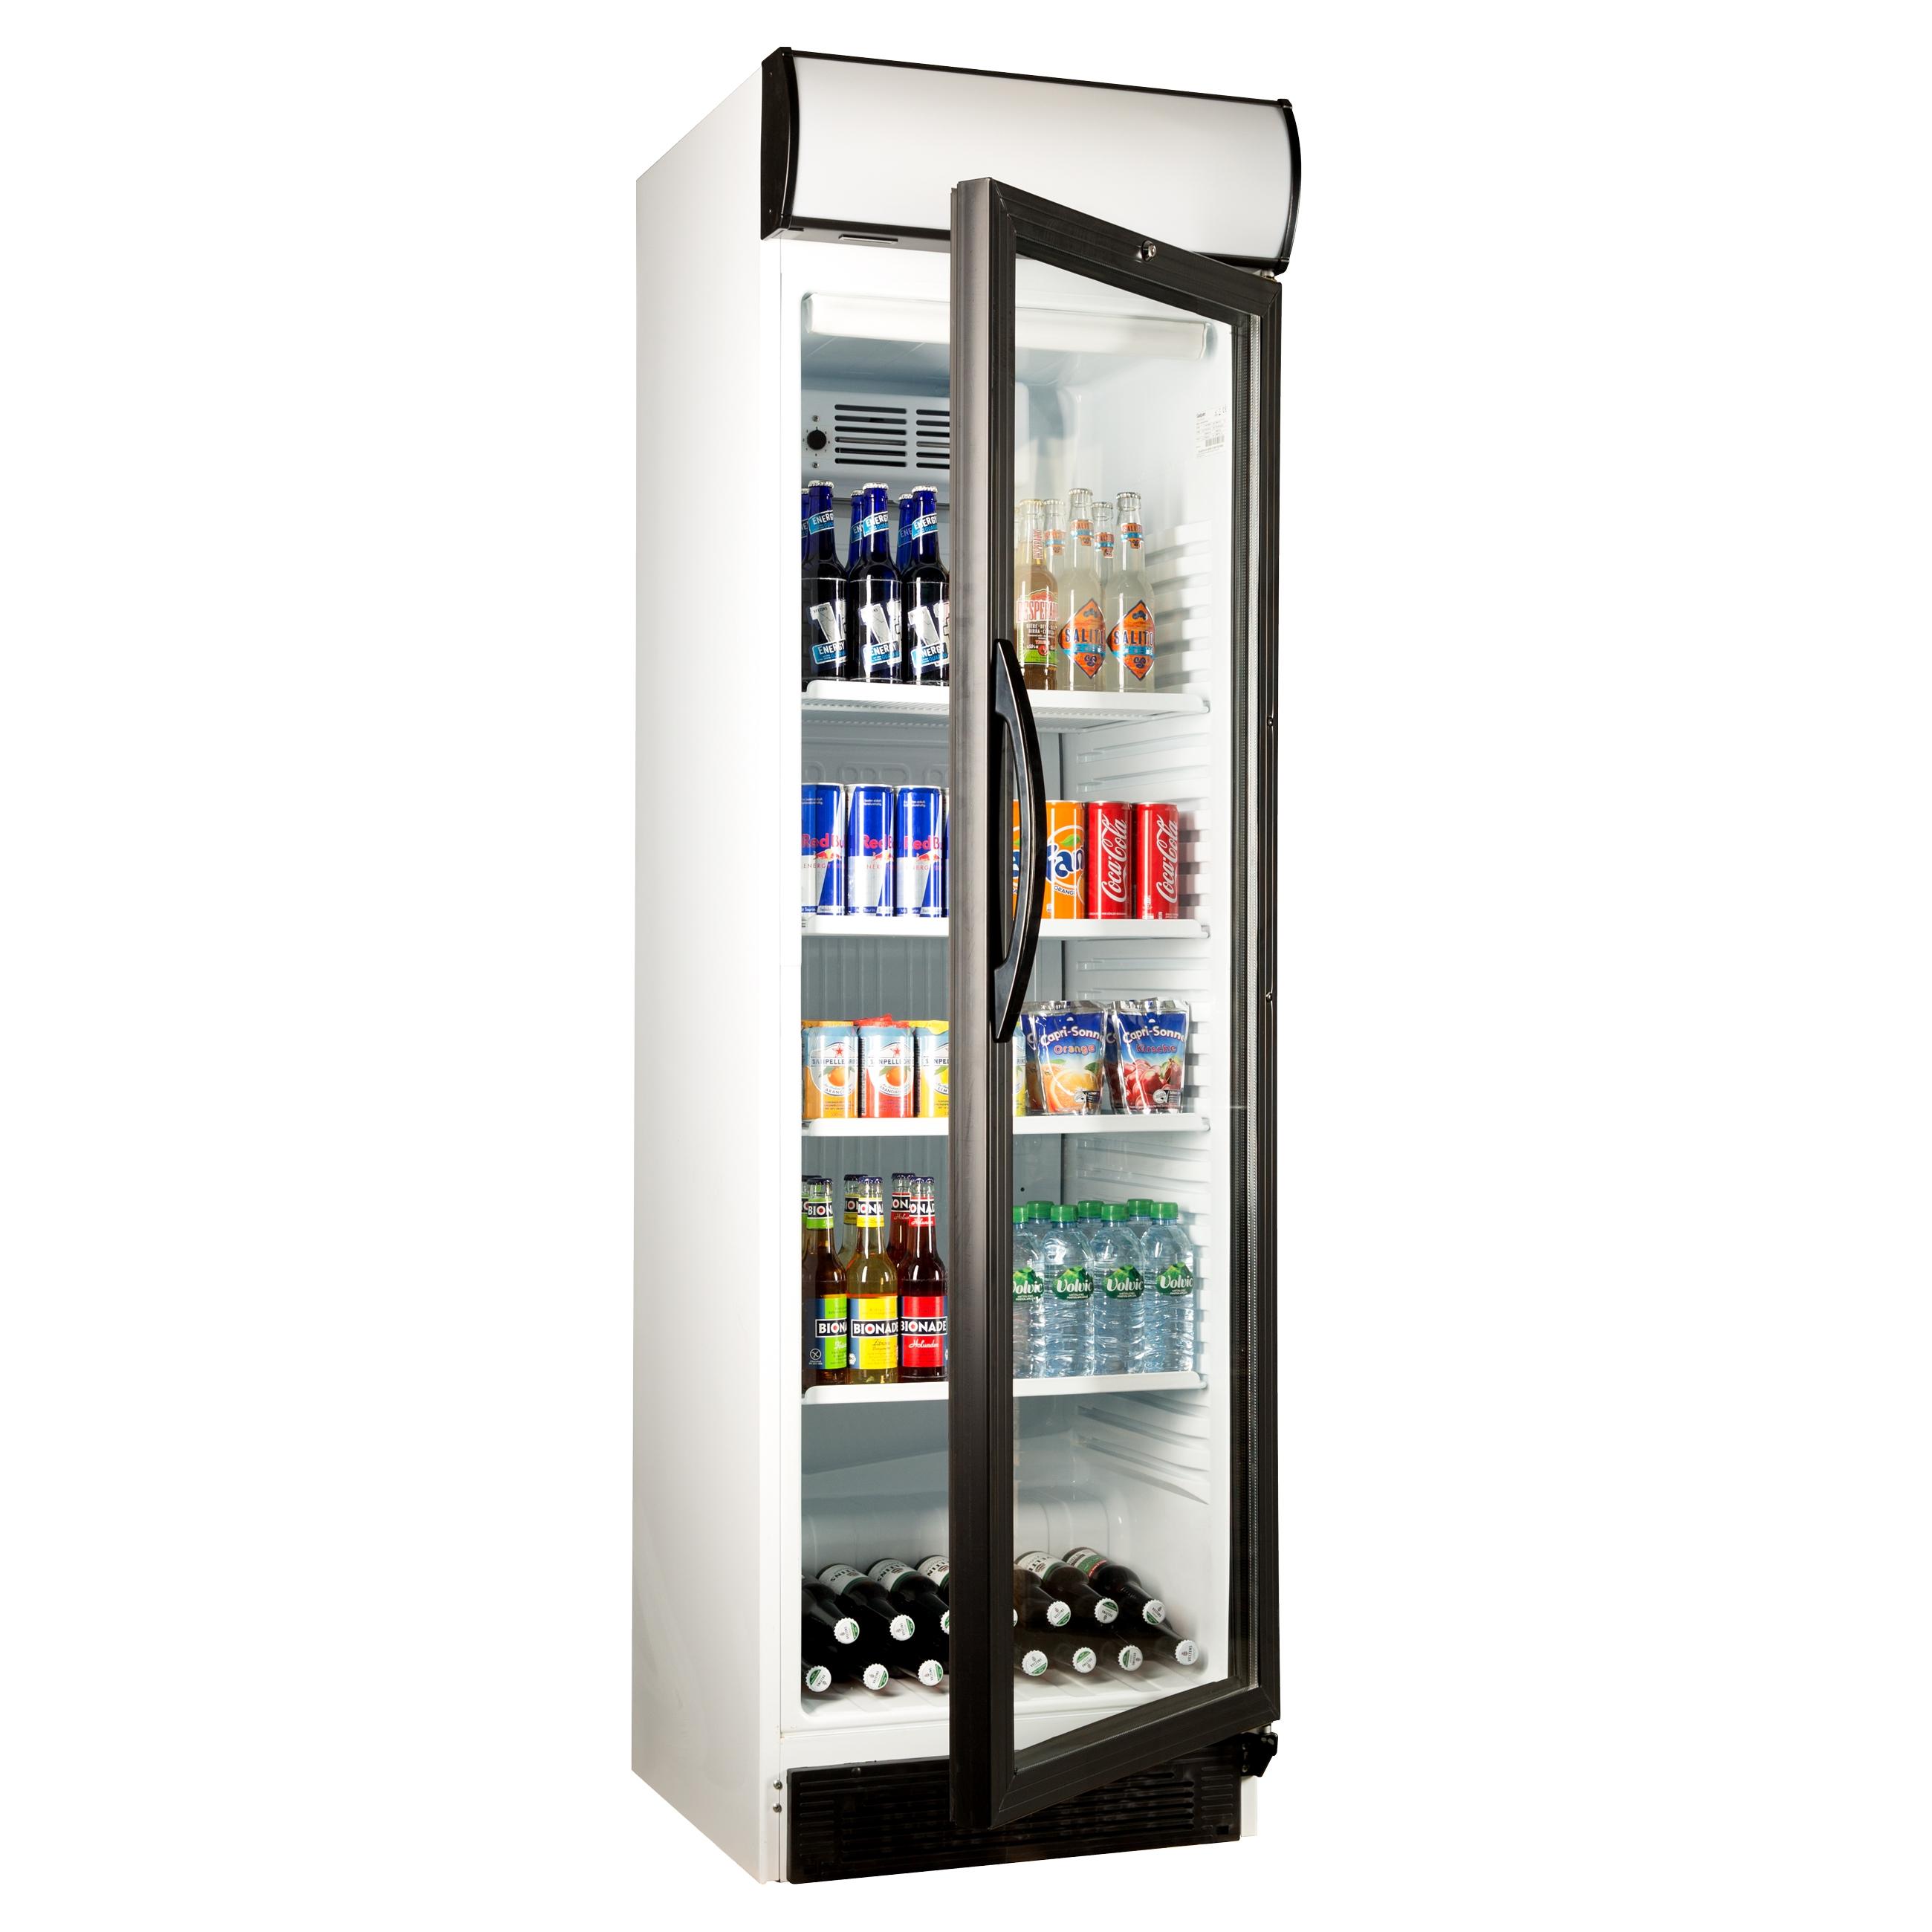 Ausgezeichnet Getränke Kühlschränke Fotos - Schlafzimmer Ideen ...